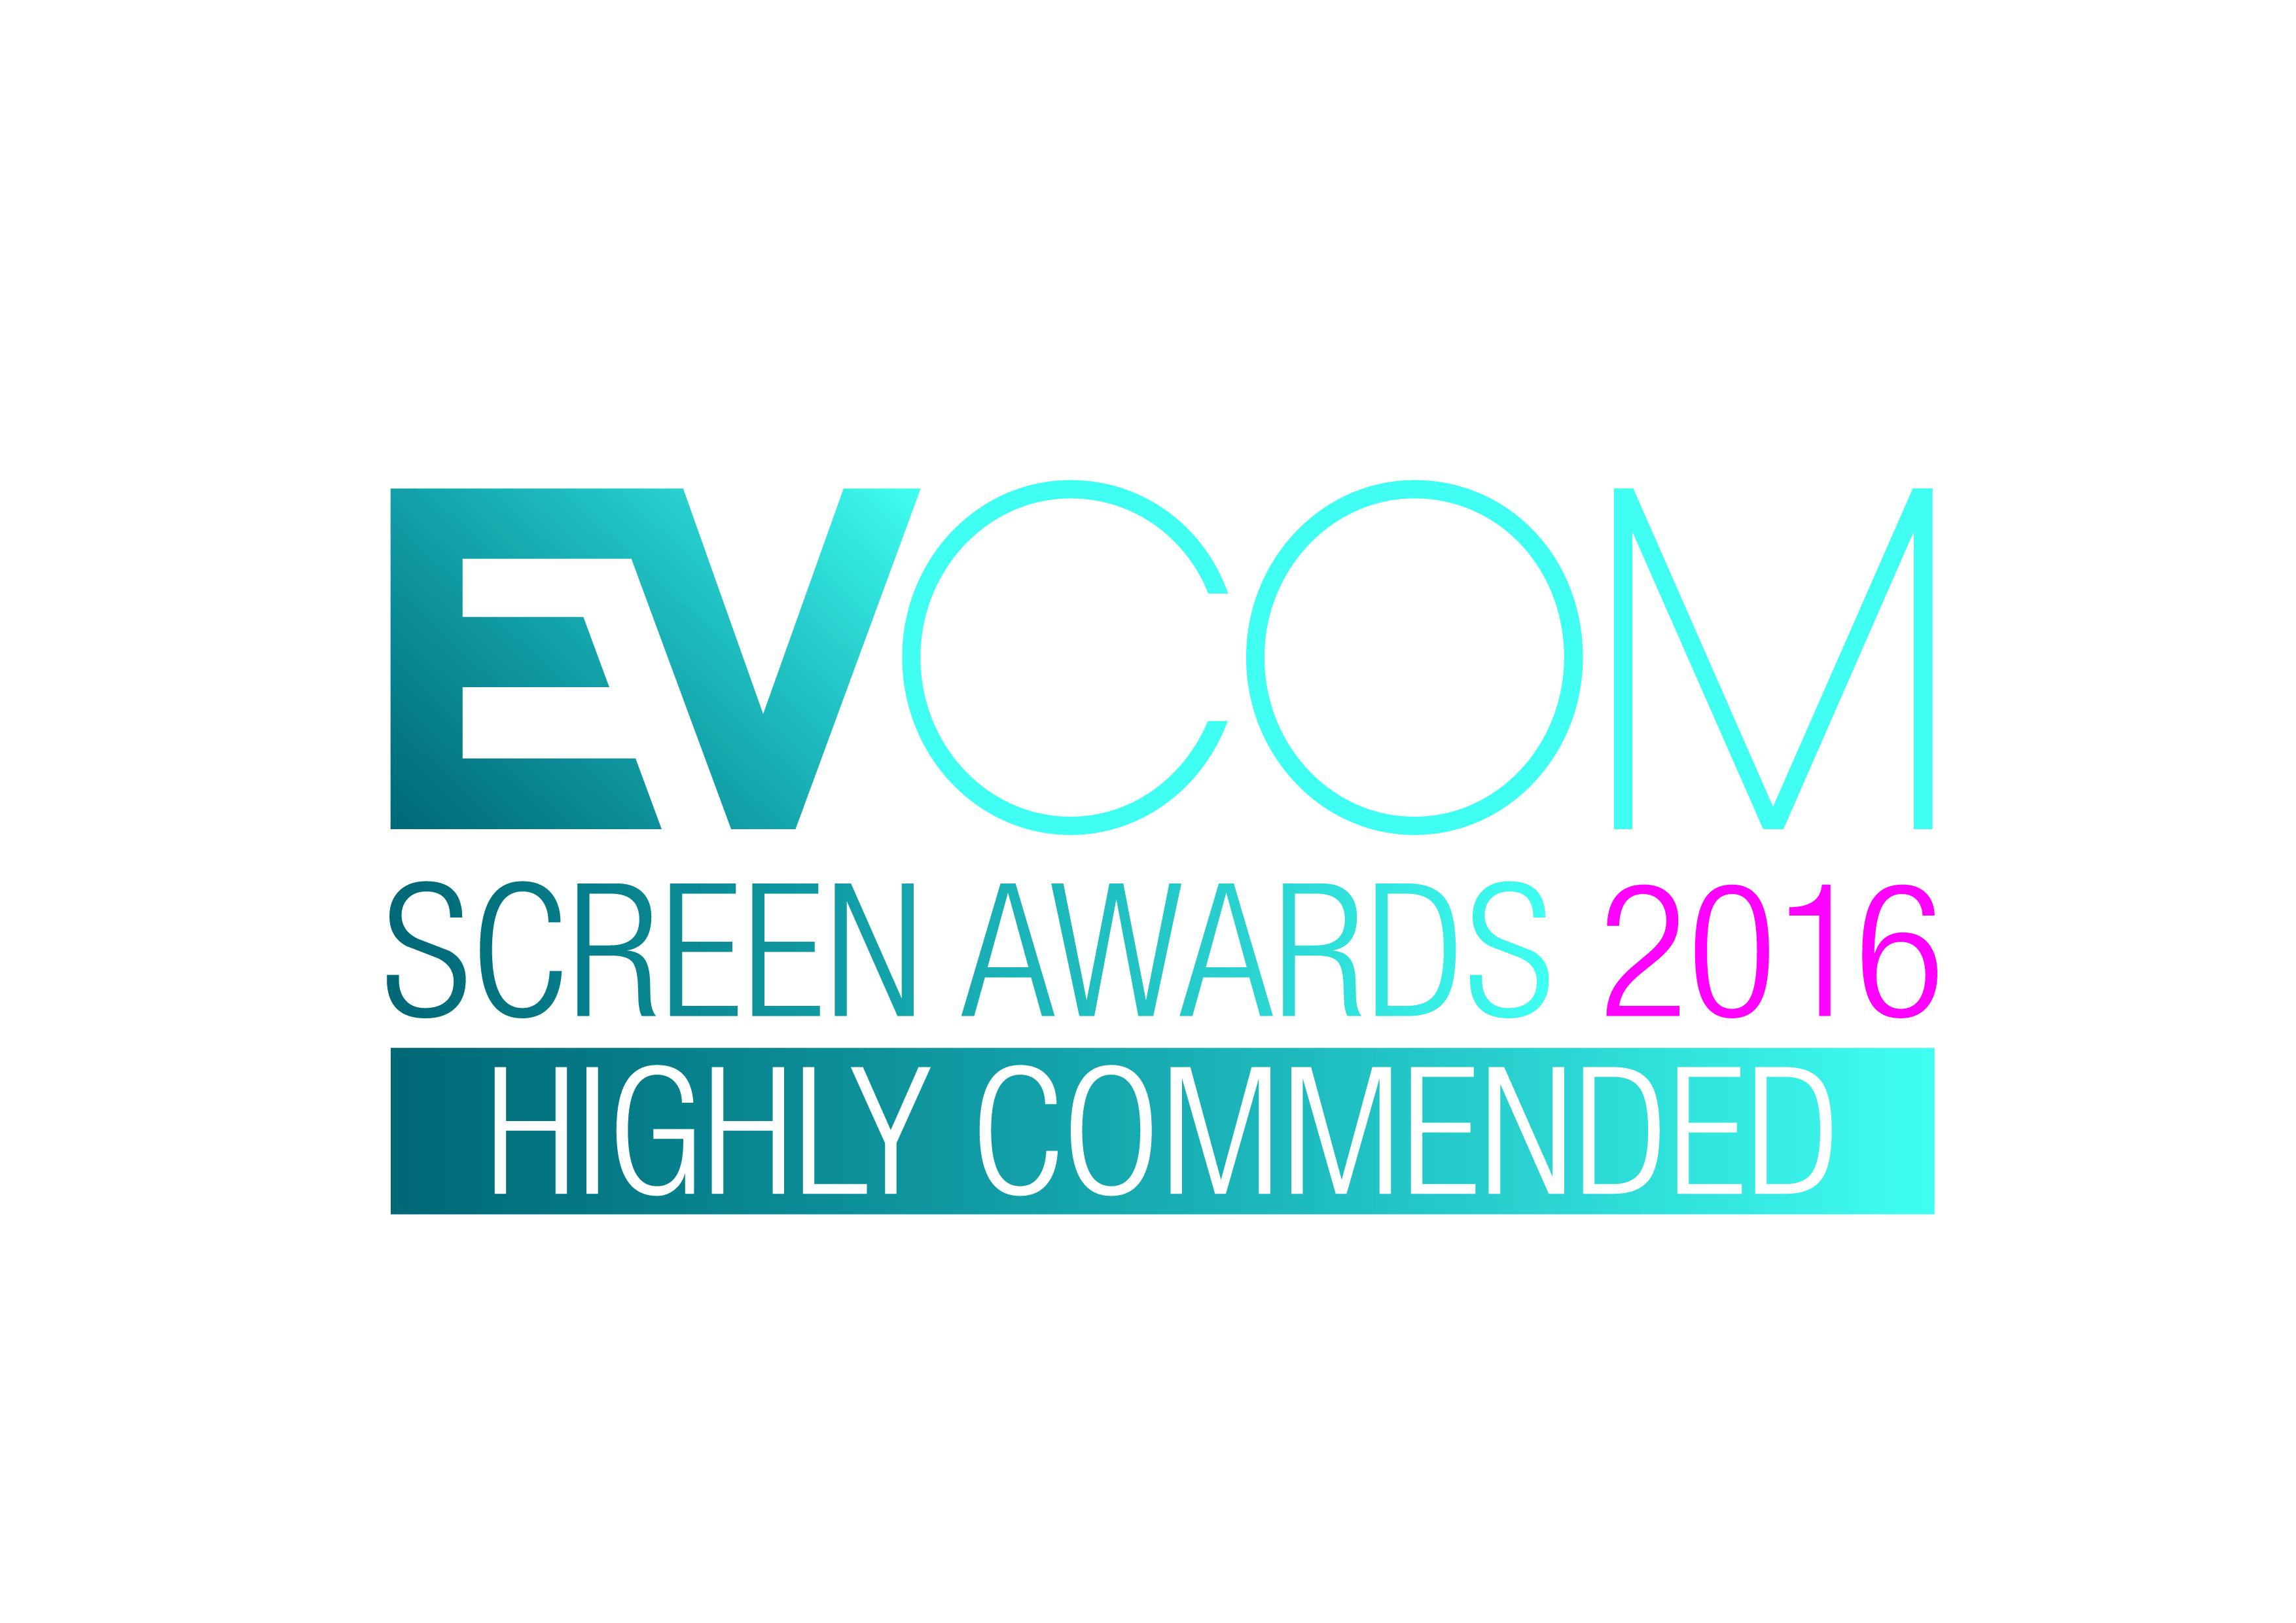 Evcomscreenaward2016_highlycom